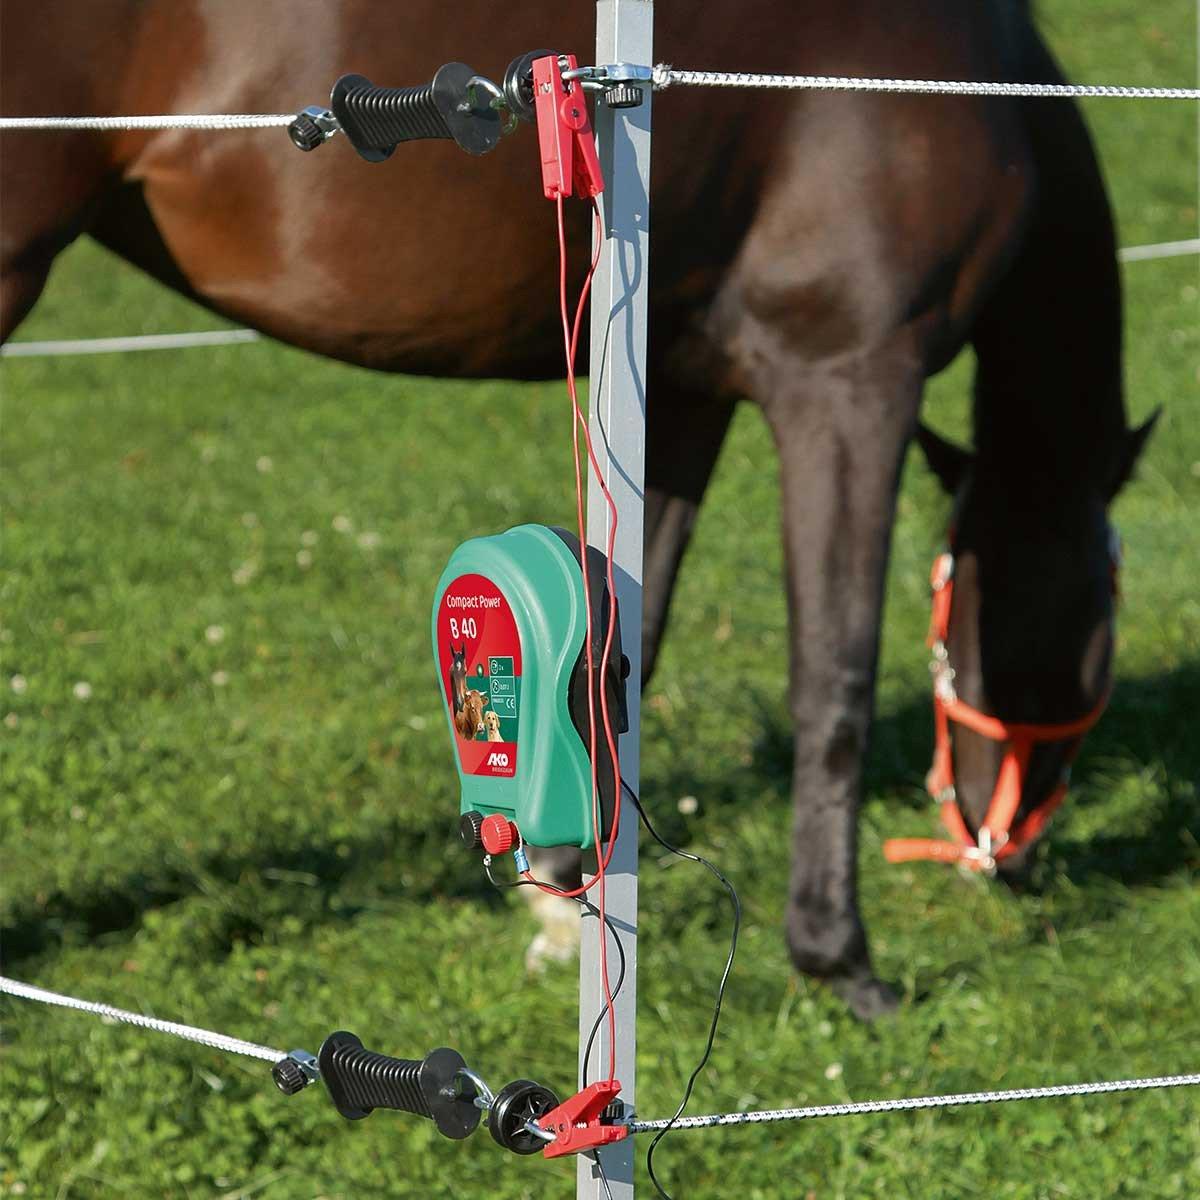 Recinto Elettrico Per Cavalli.Recinto Elettrico Per Cavalli Portatile Amazon It Sport E